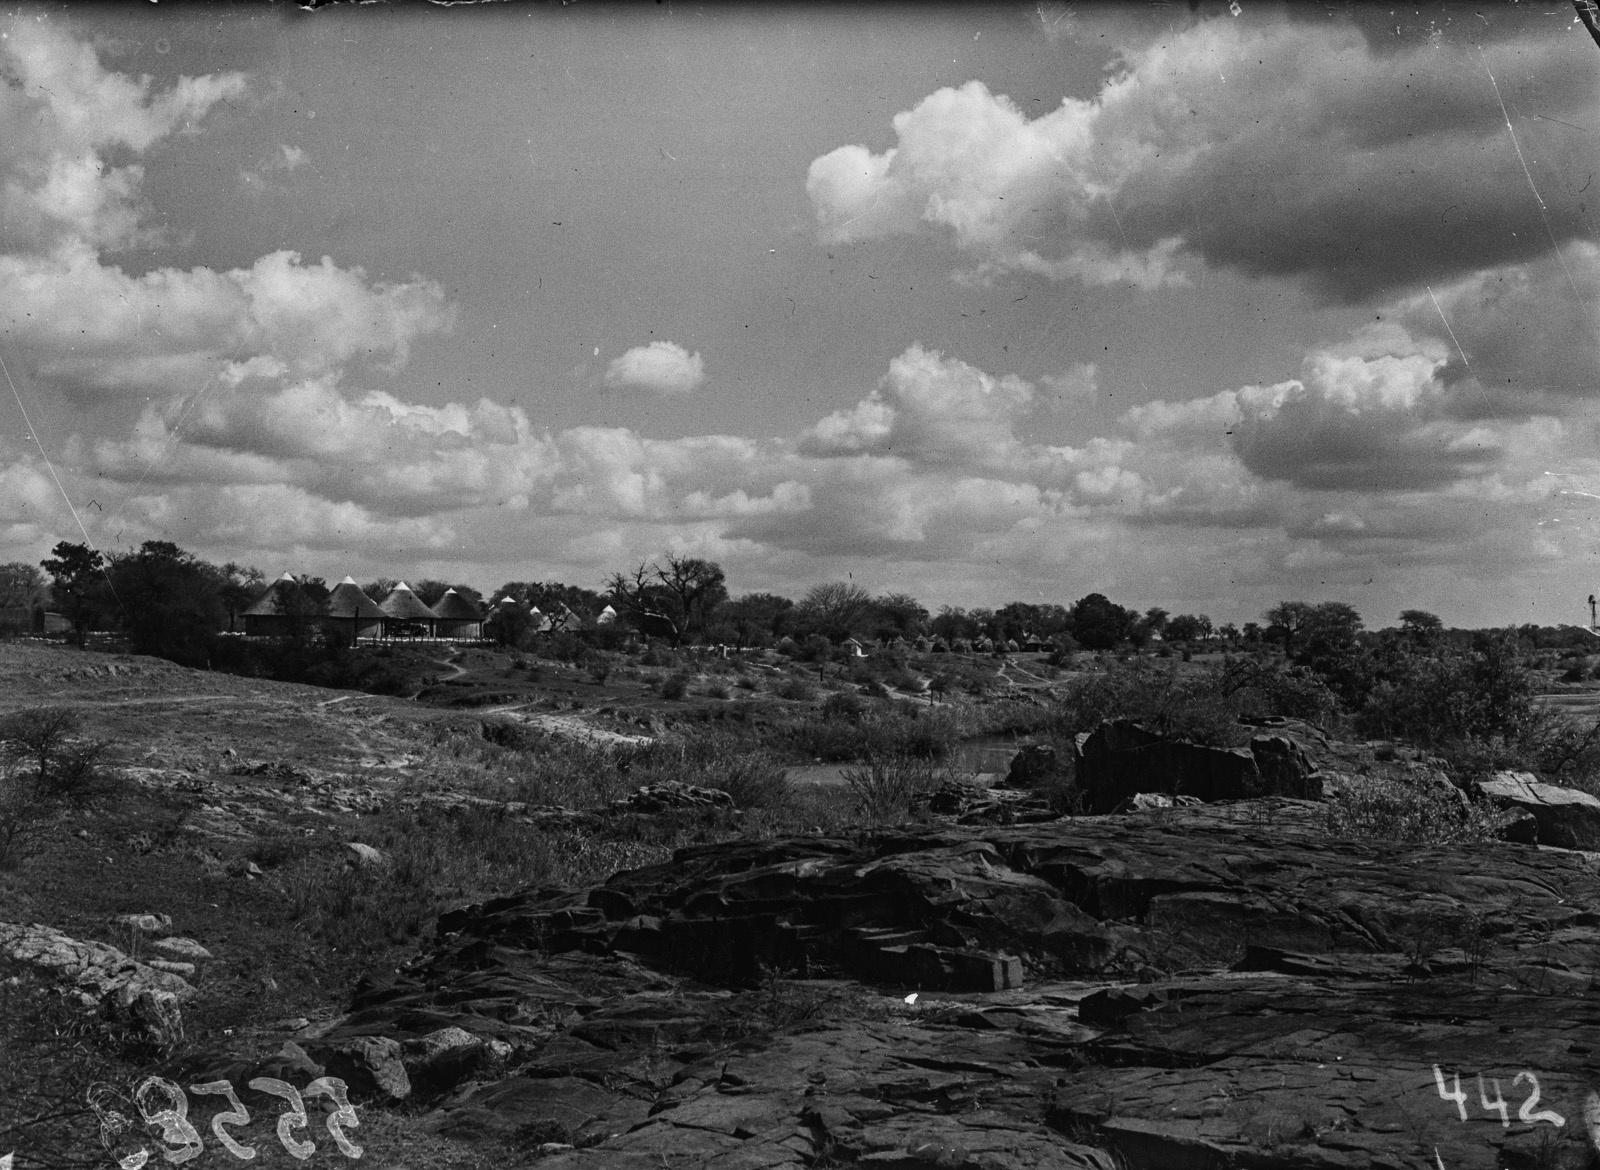 Малелан. Вид из лагеря на город. В середине снимка так называемая Крокодилья река